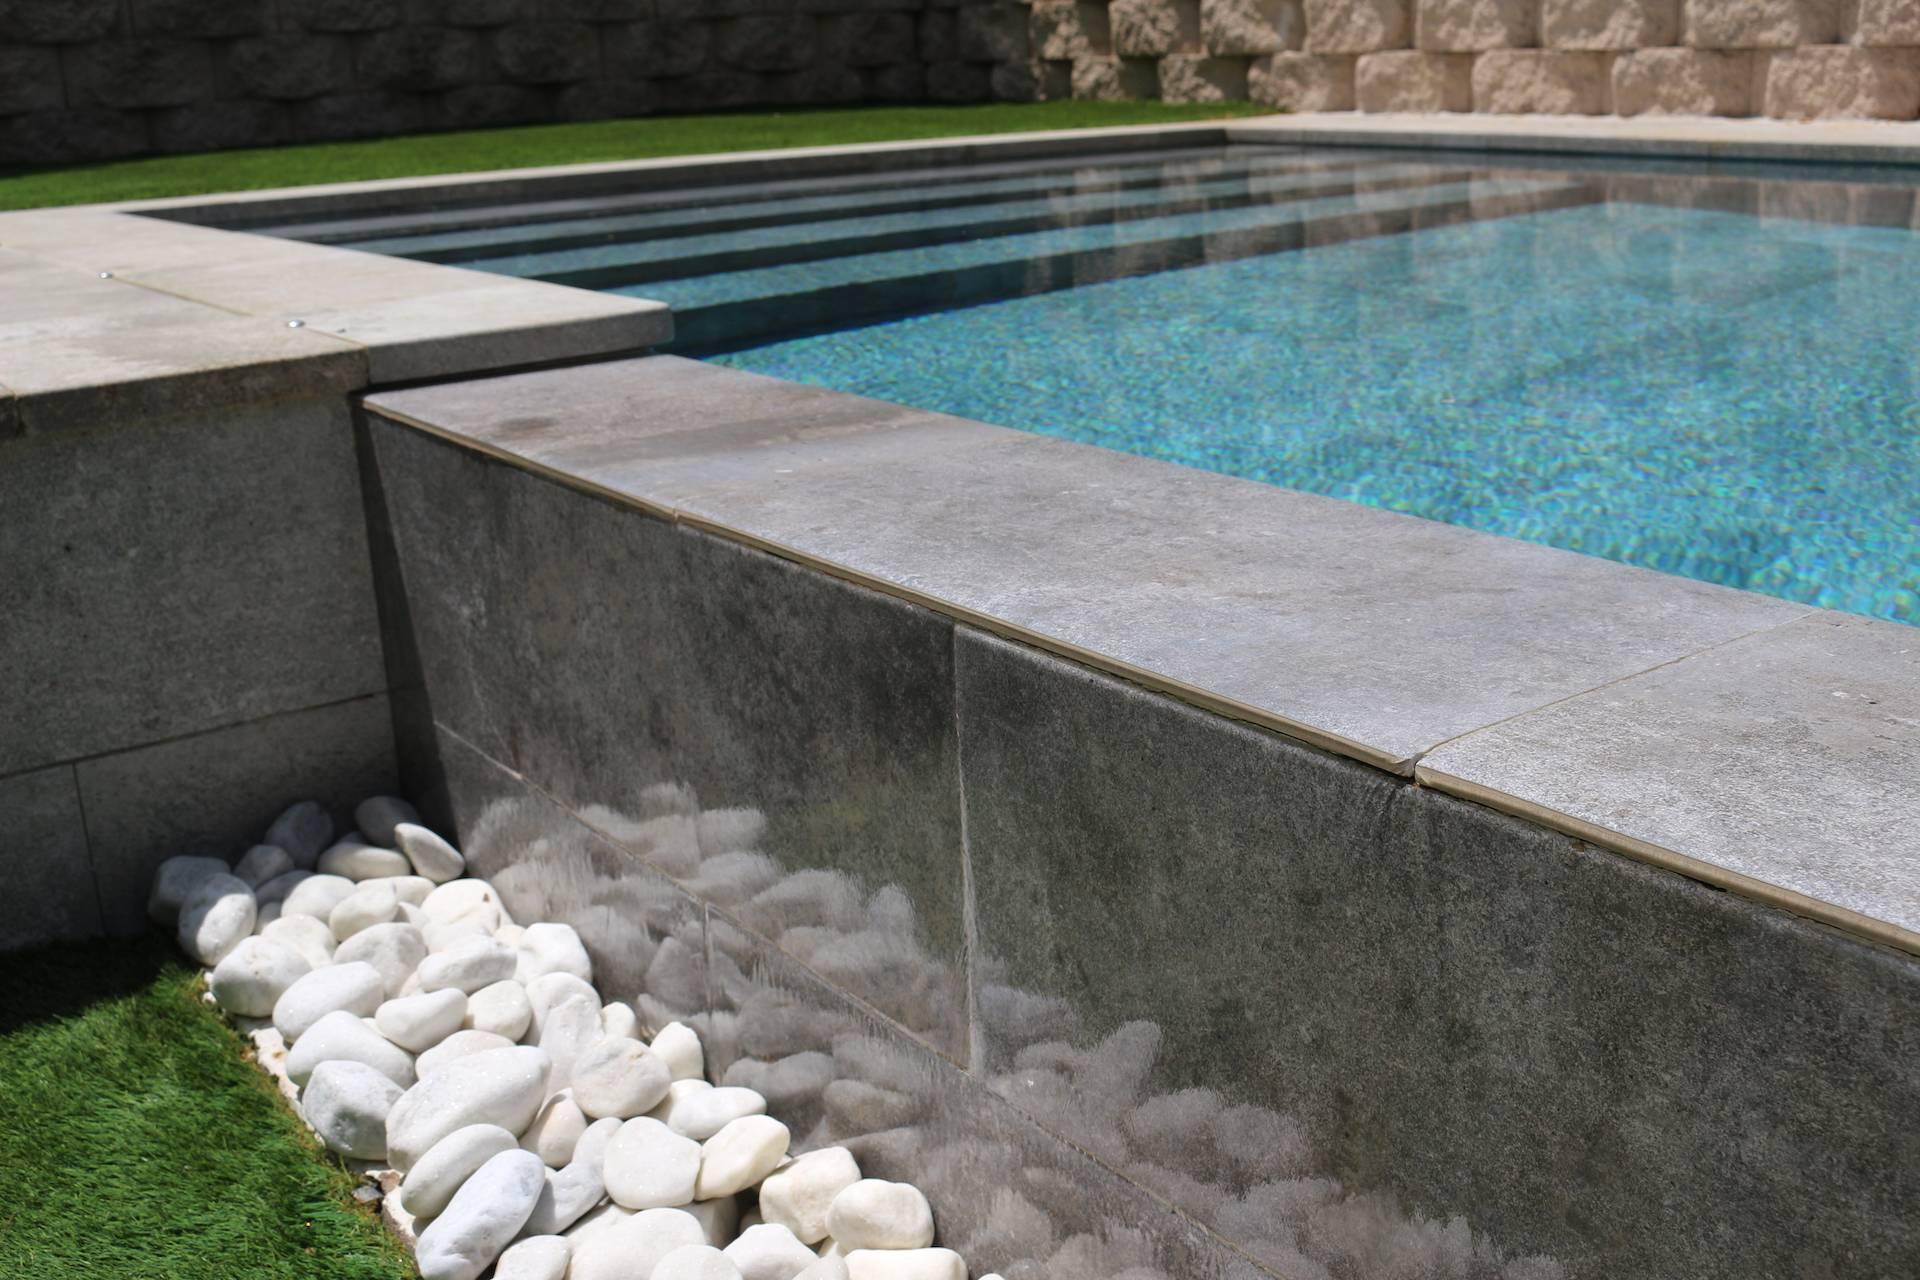 Detalle desborde piscina infinita